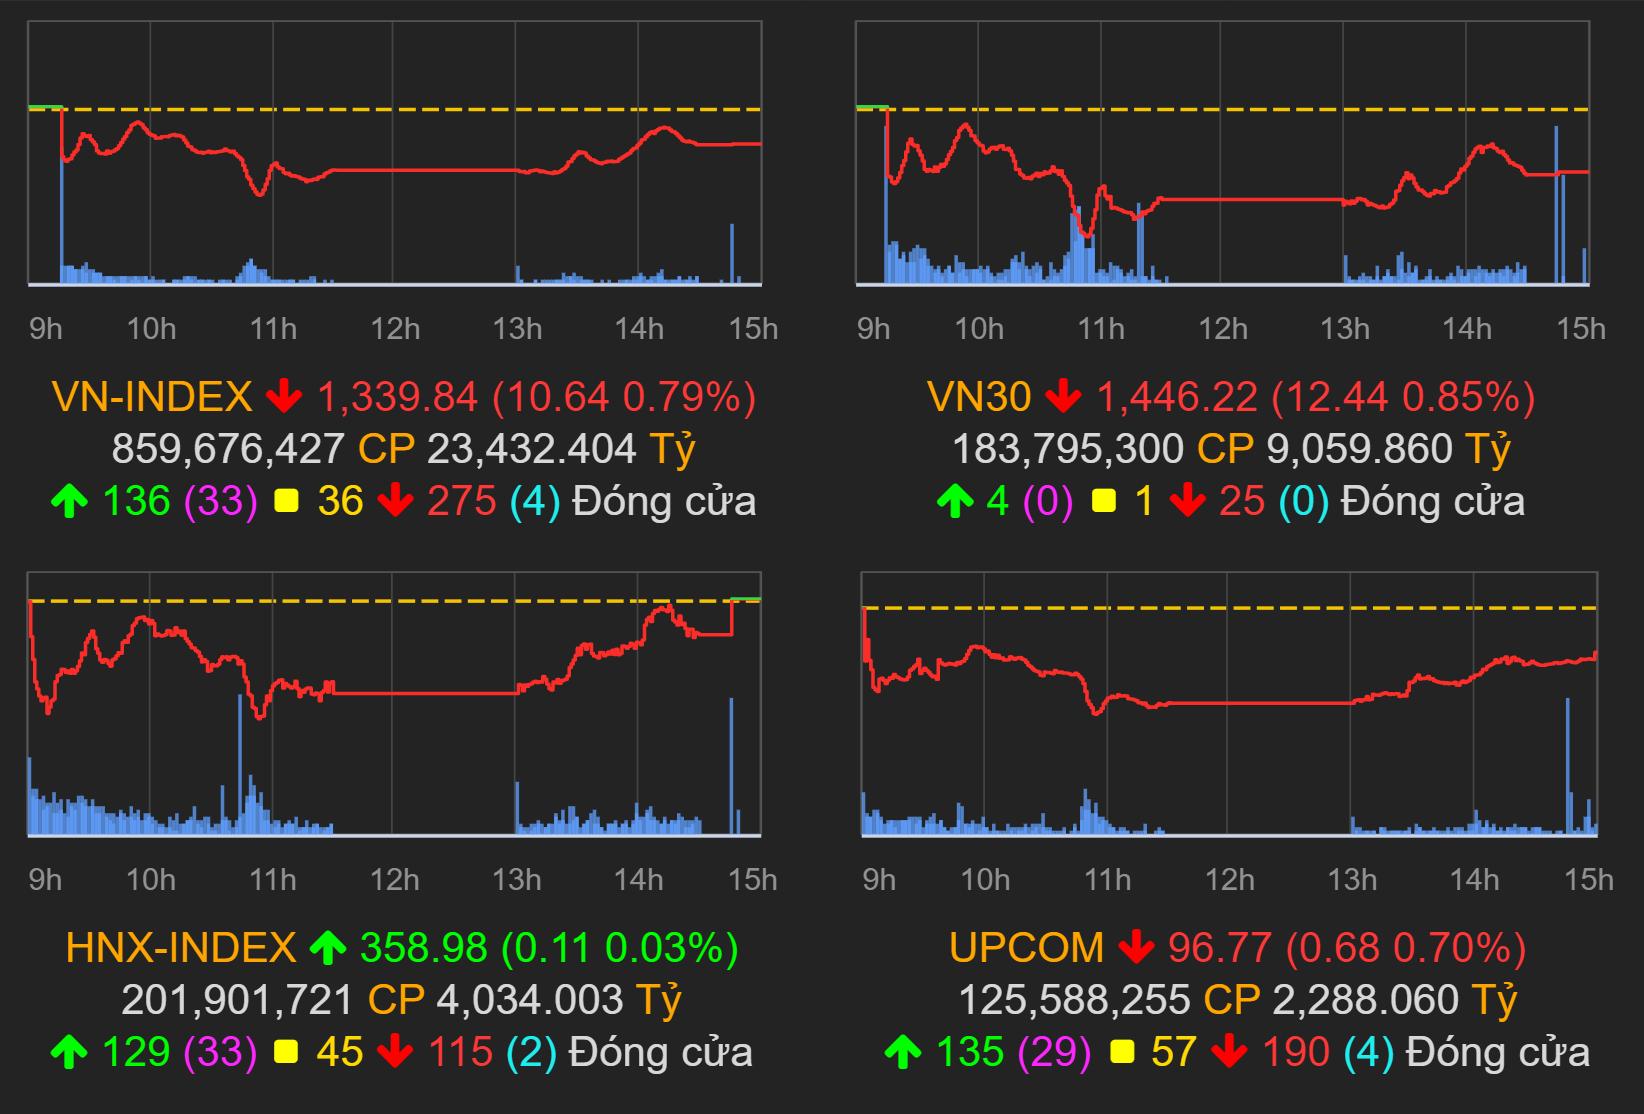 Thị trường chứng khoán (21/9): Nhóm vốn hóa vừa và nhỏ hồi phục, VN-Index chỉ còn giảm gần 11 điểm - Ảnh 1.